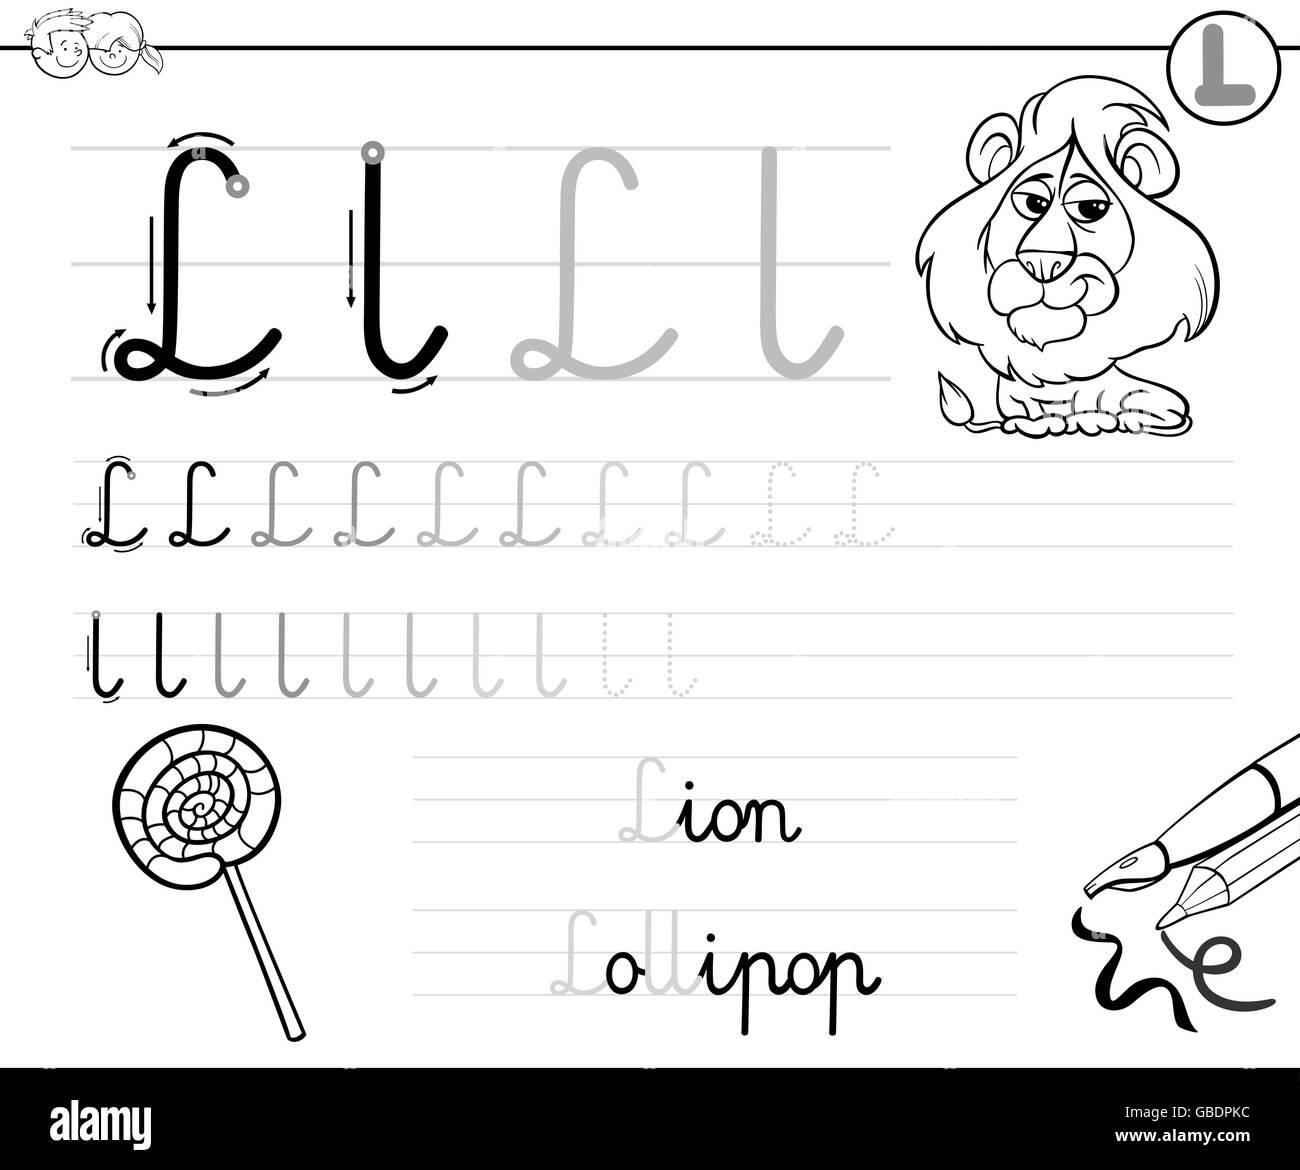 Schwarz / Weiß Cartoon Illustration des Schreibens Fähigkeiten ...